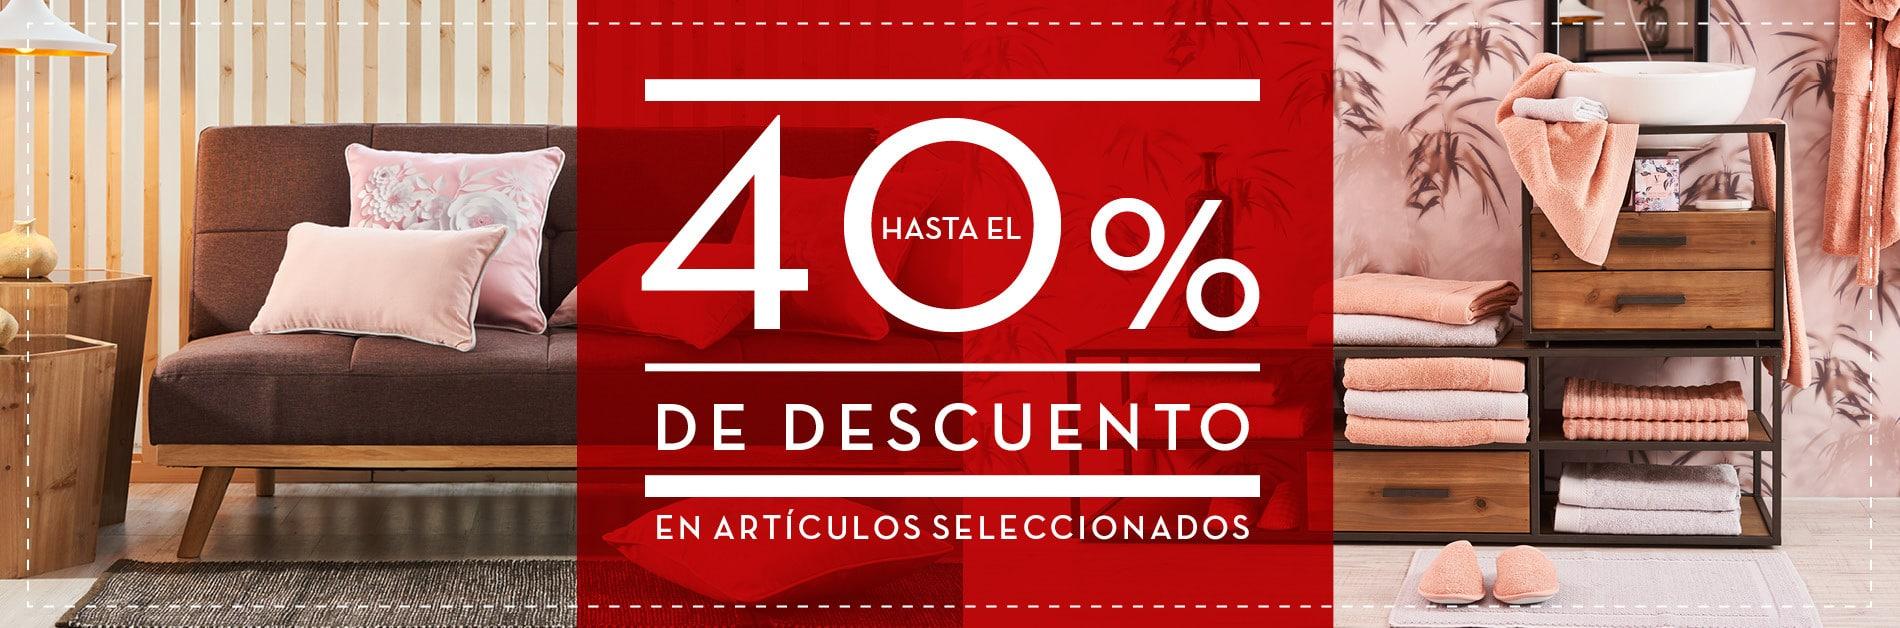 40% dto en artículos seleccionados